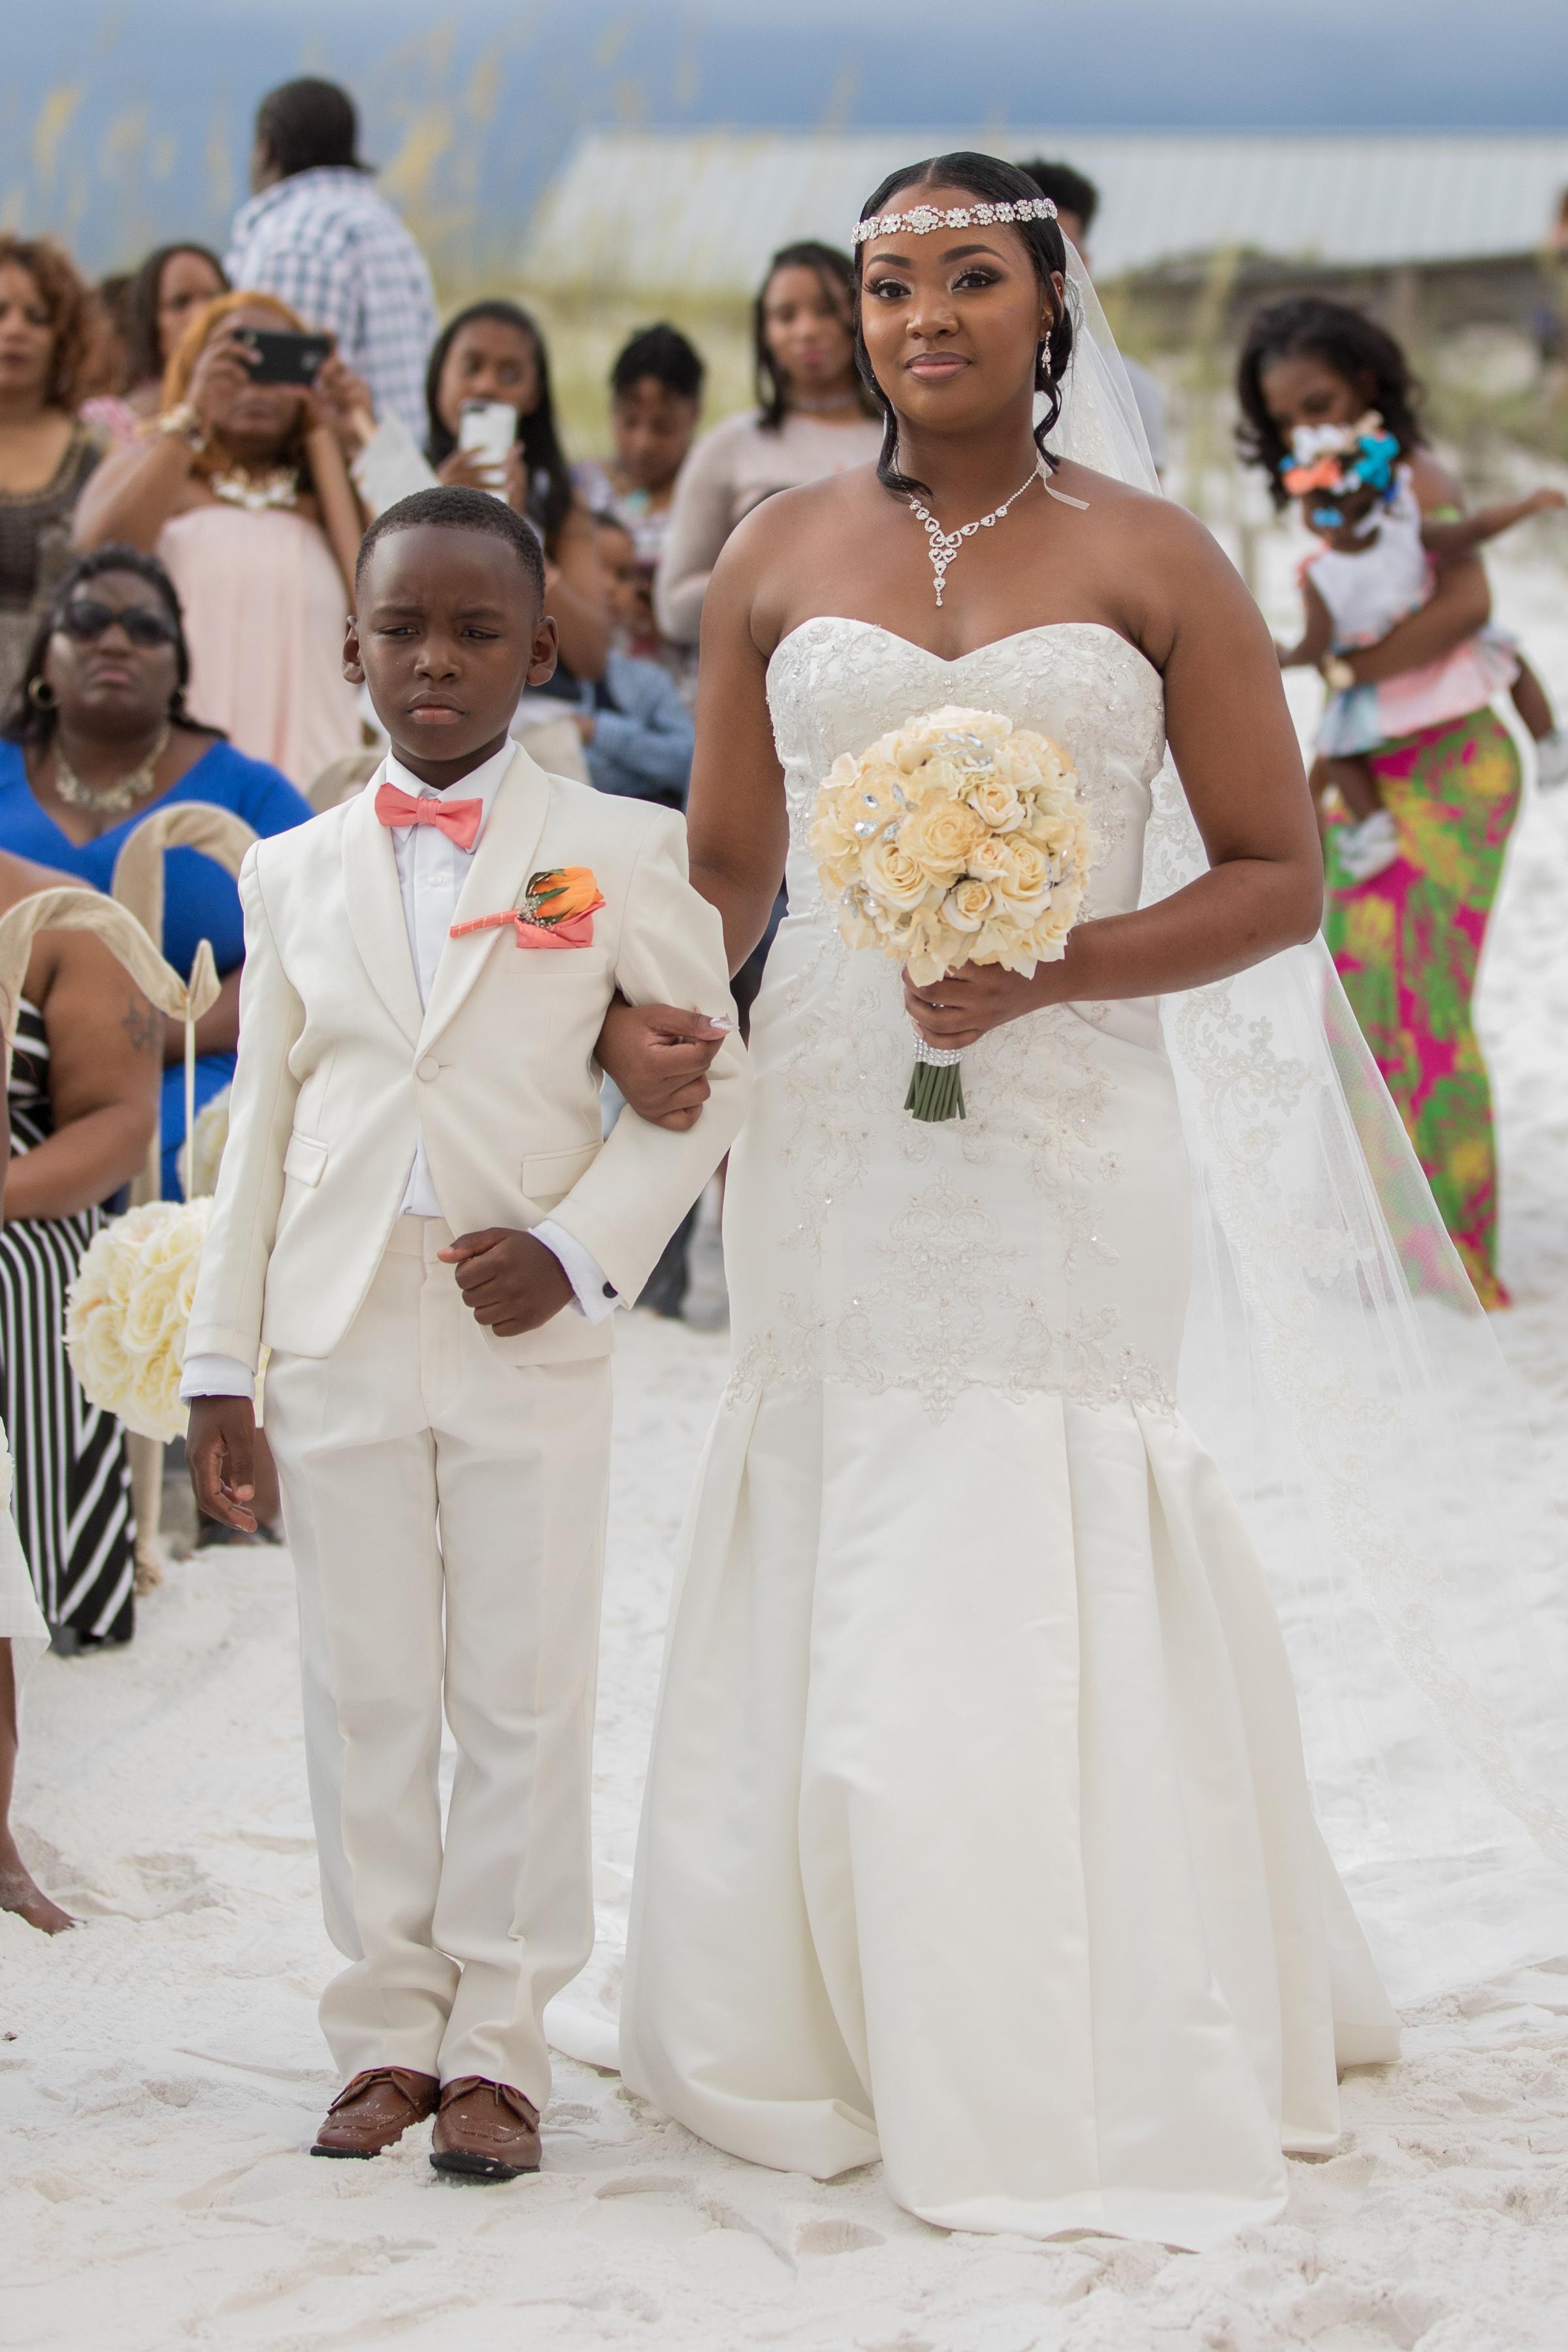 destin beach wedding package picture60_ (3).jpg